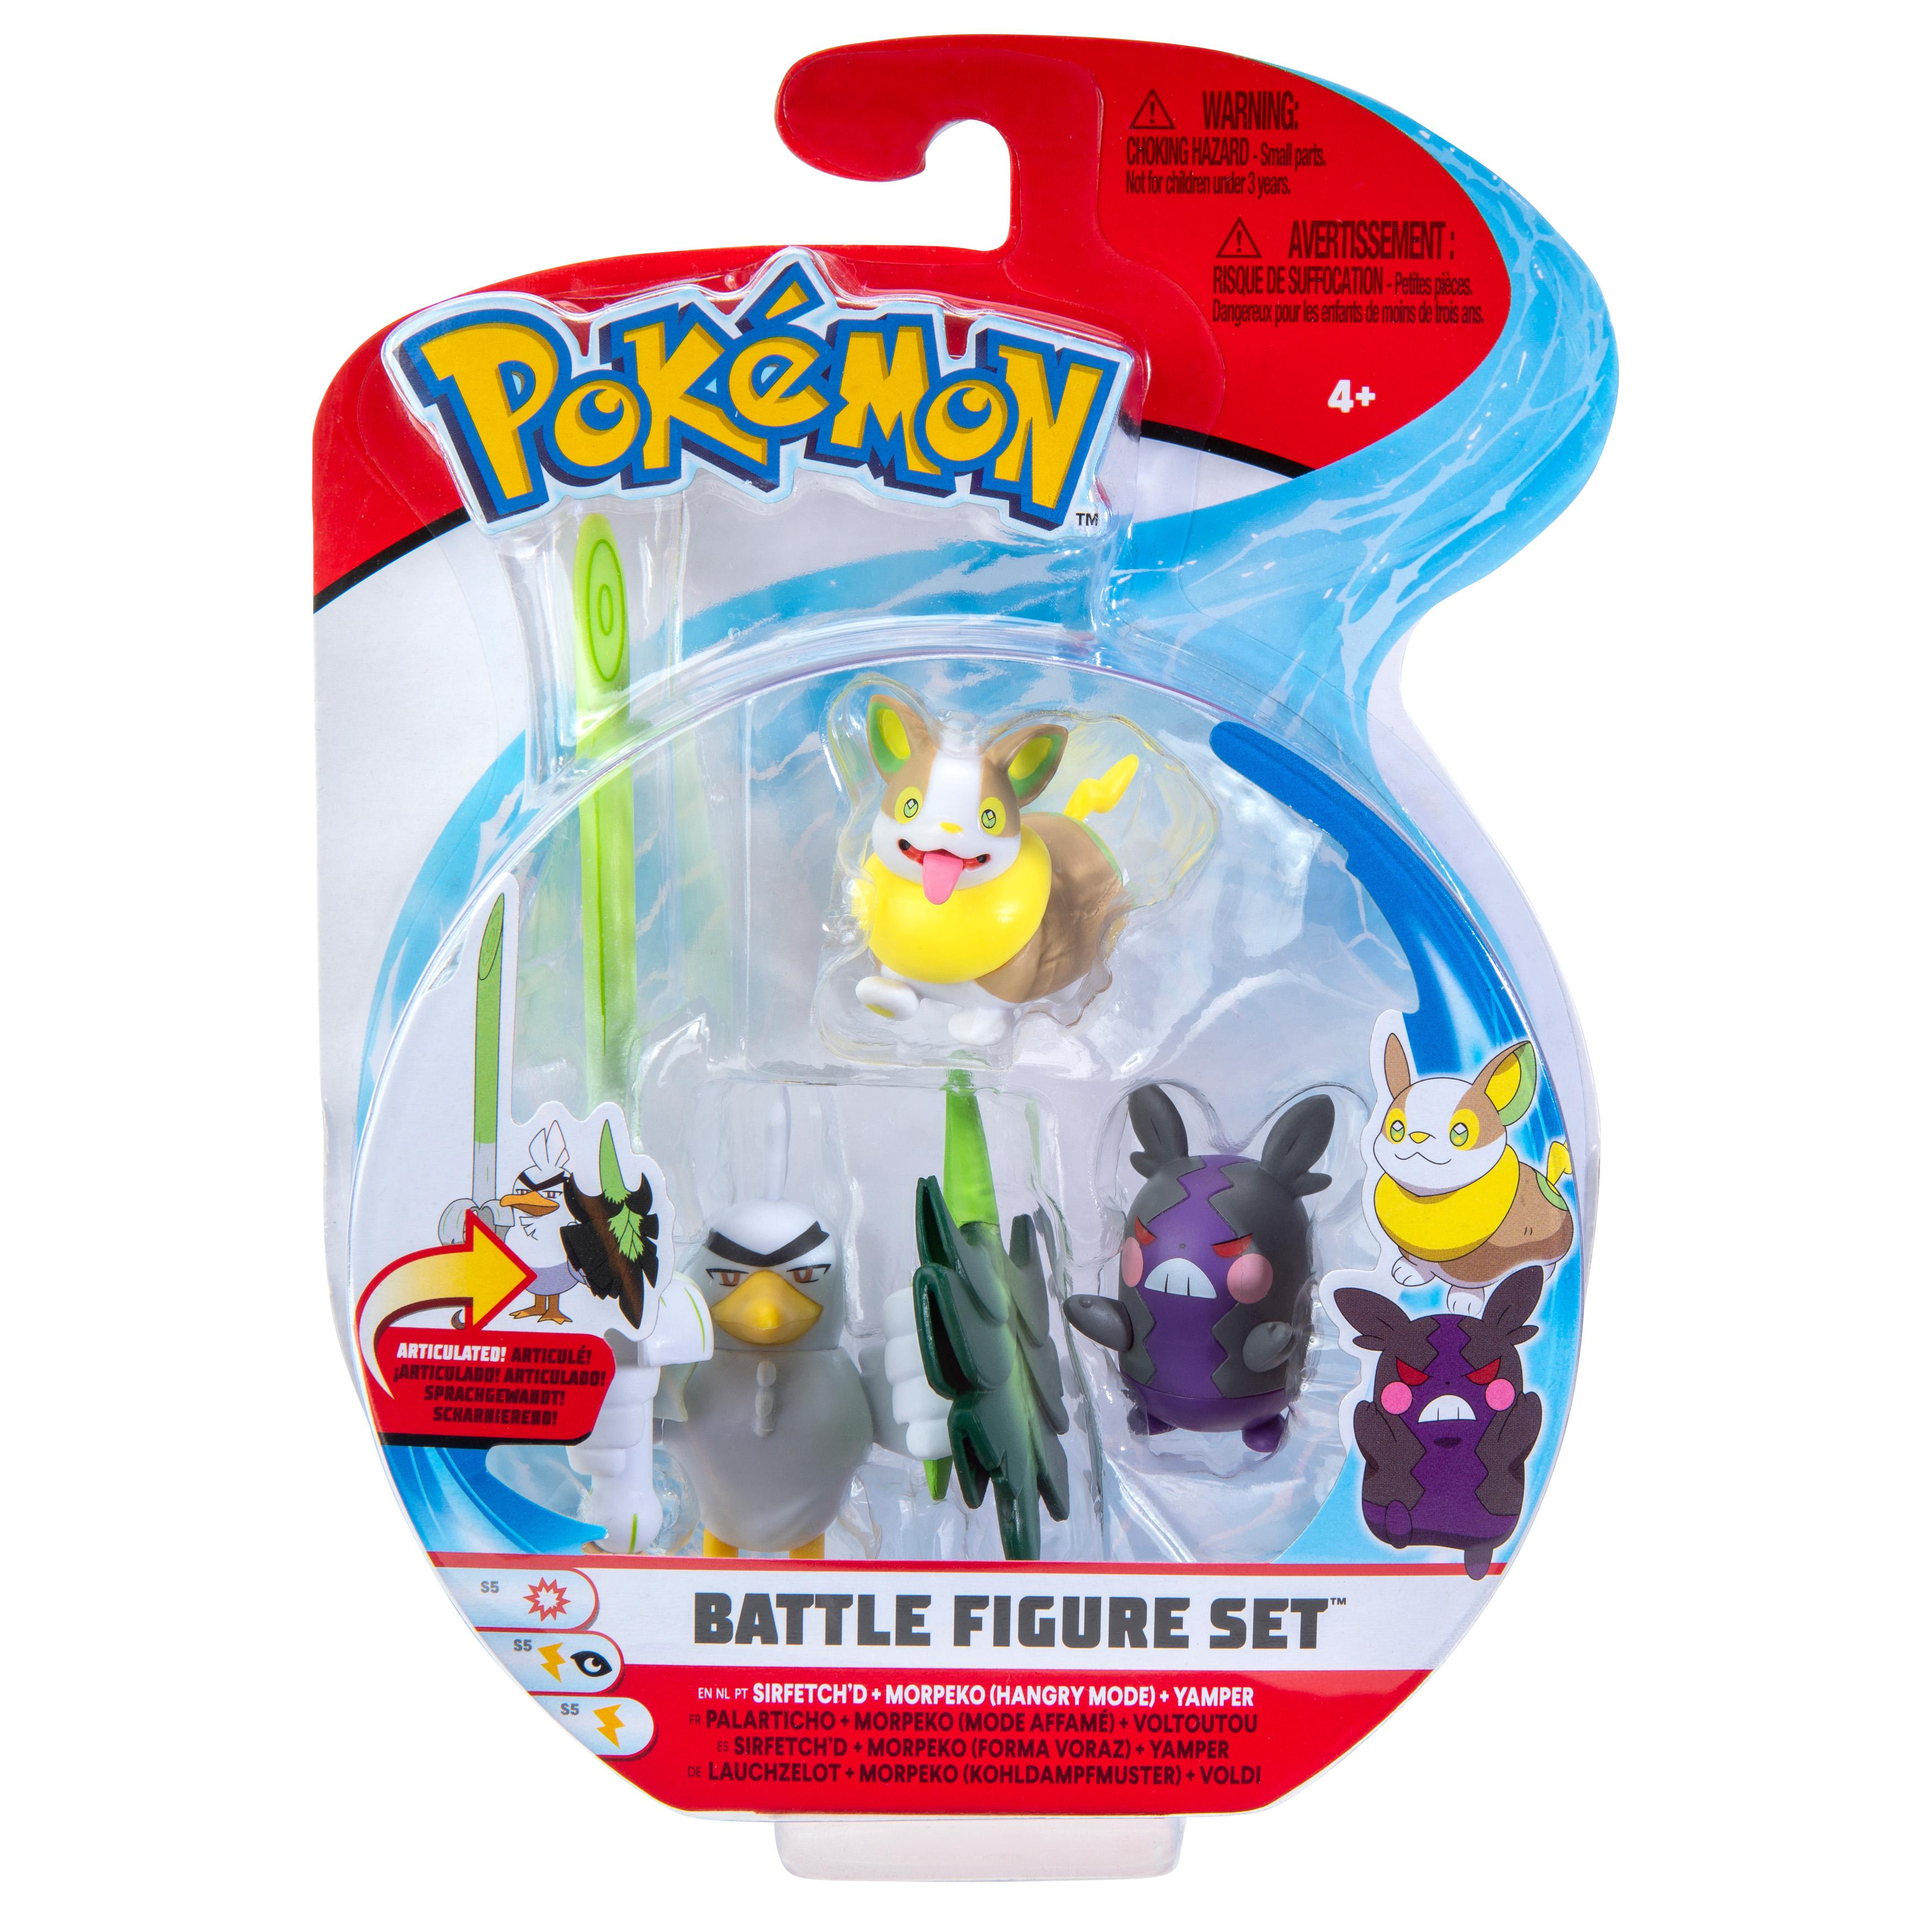 Pokémon - Battle Figur 3er Pack - Voldi, Morpeko & Lauchzelot